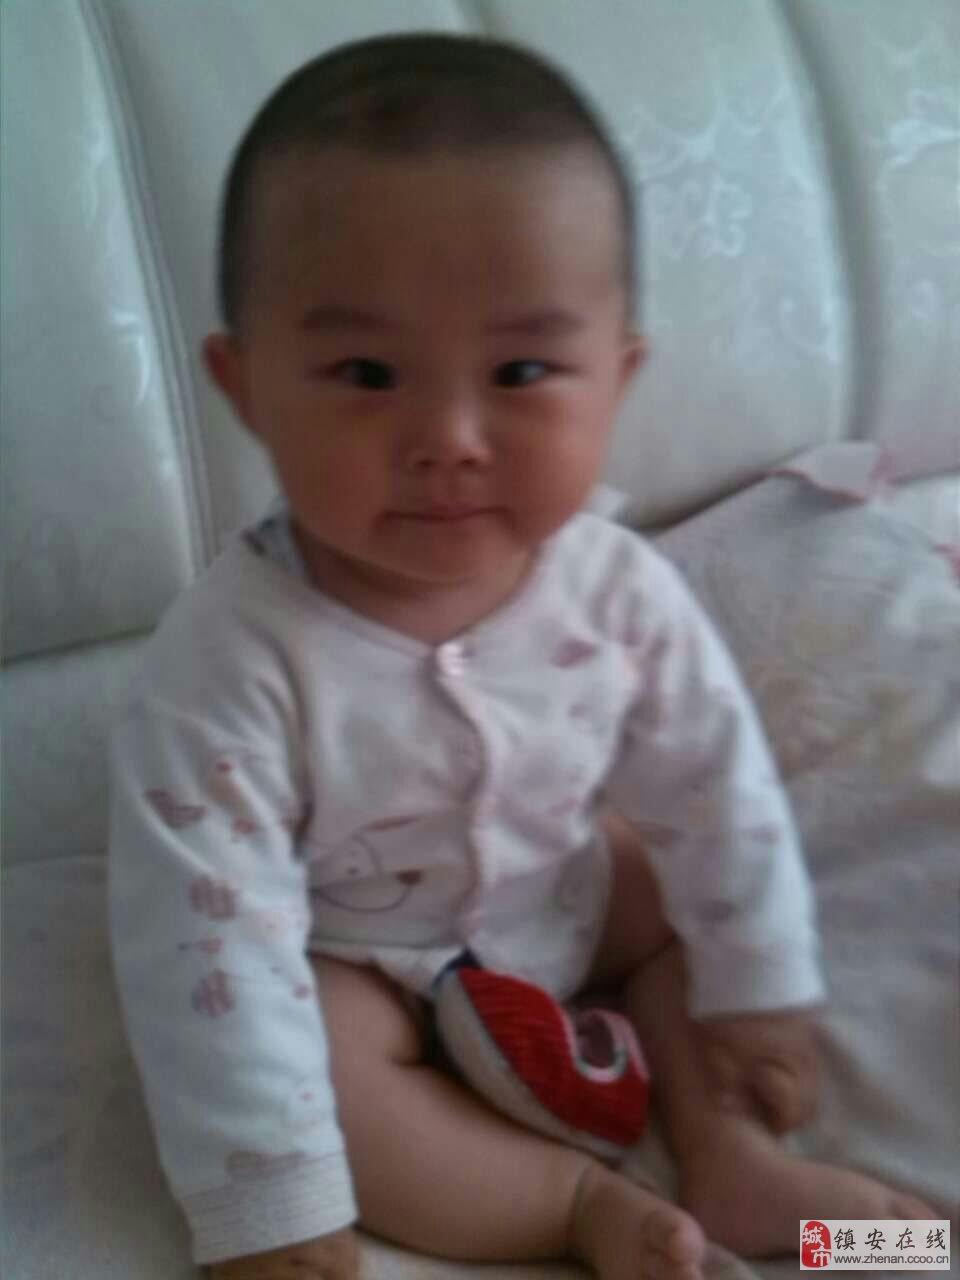 75 · 宝宝体重(kg) : 9 · 宝宝介绍 : 宝宝七个月,活波可爱.